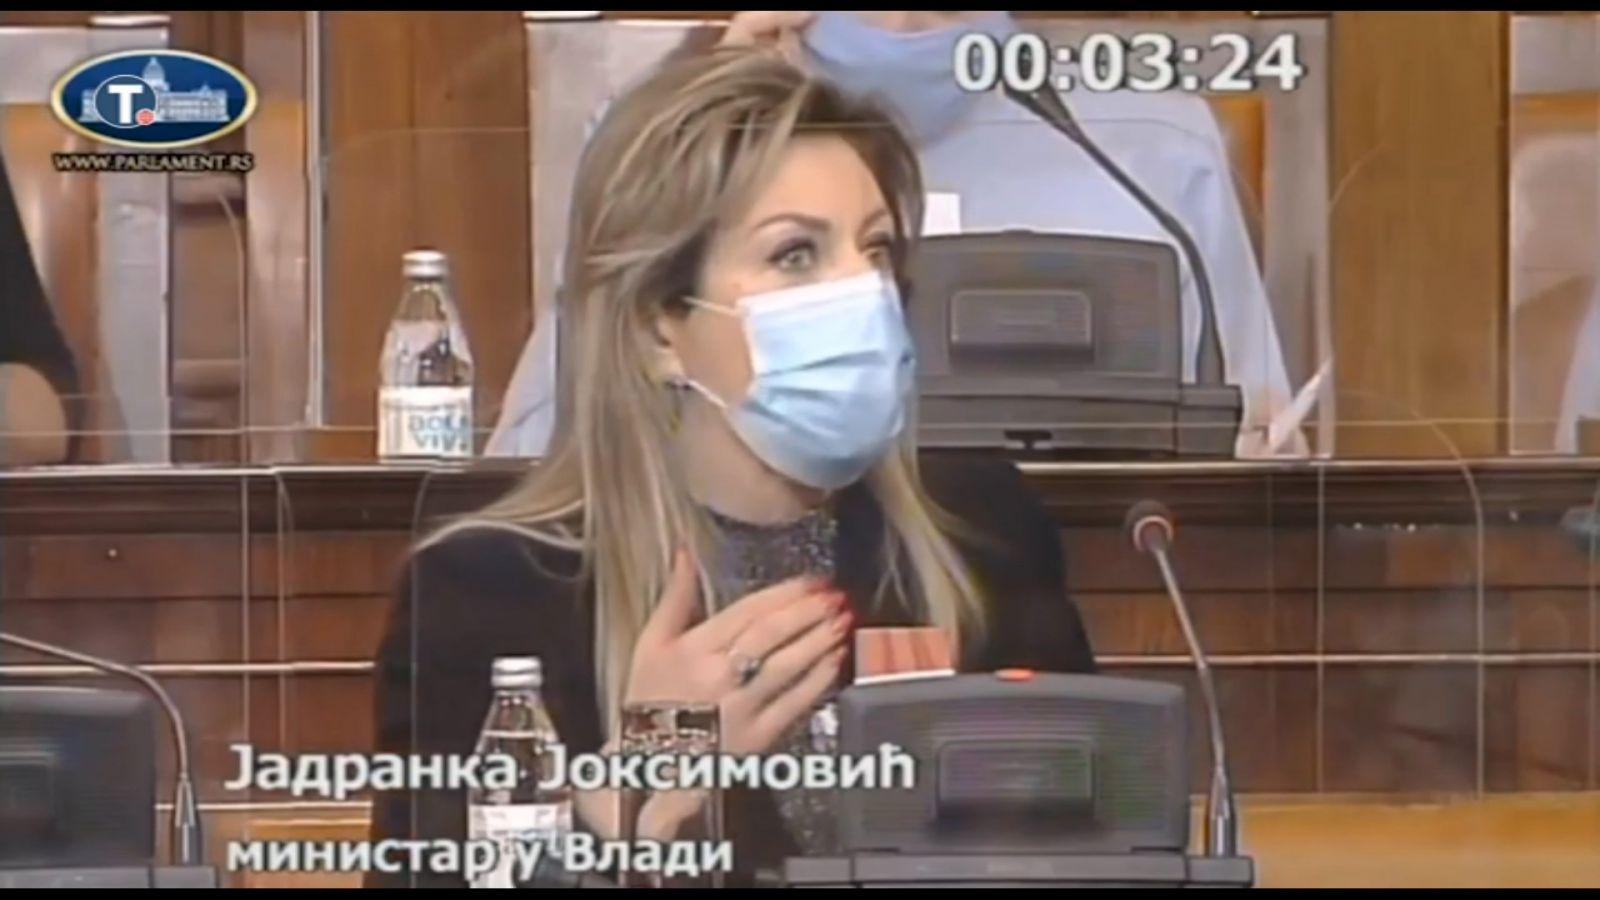 Ј. Јоксимовић: ЕУ највећи донатор бесповратних средстава